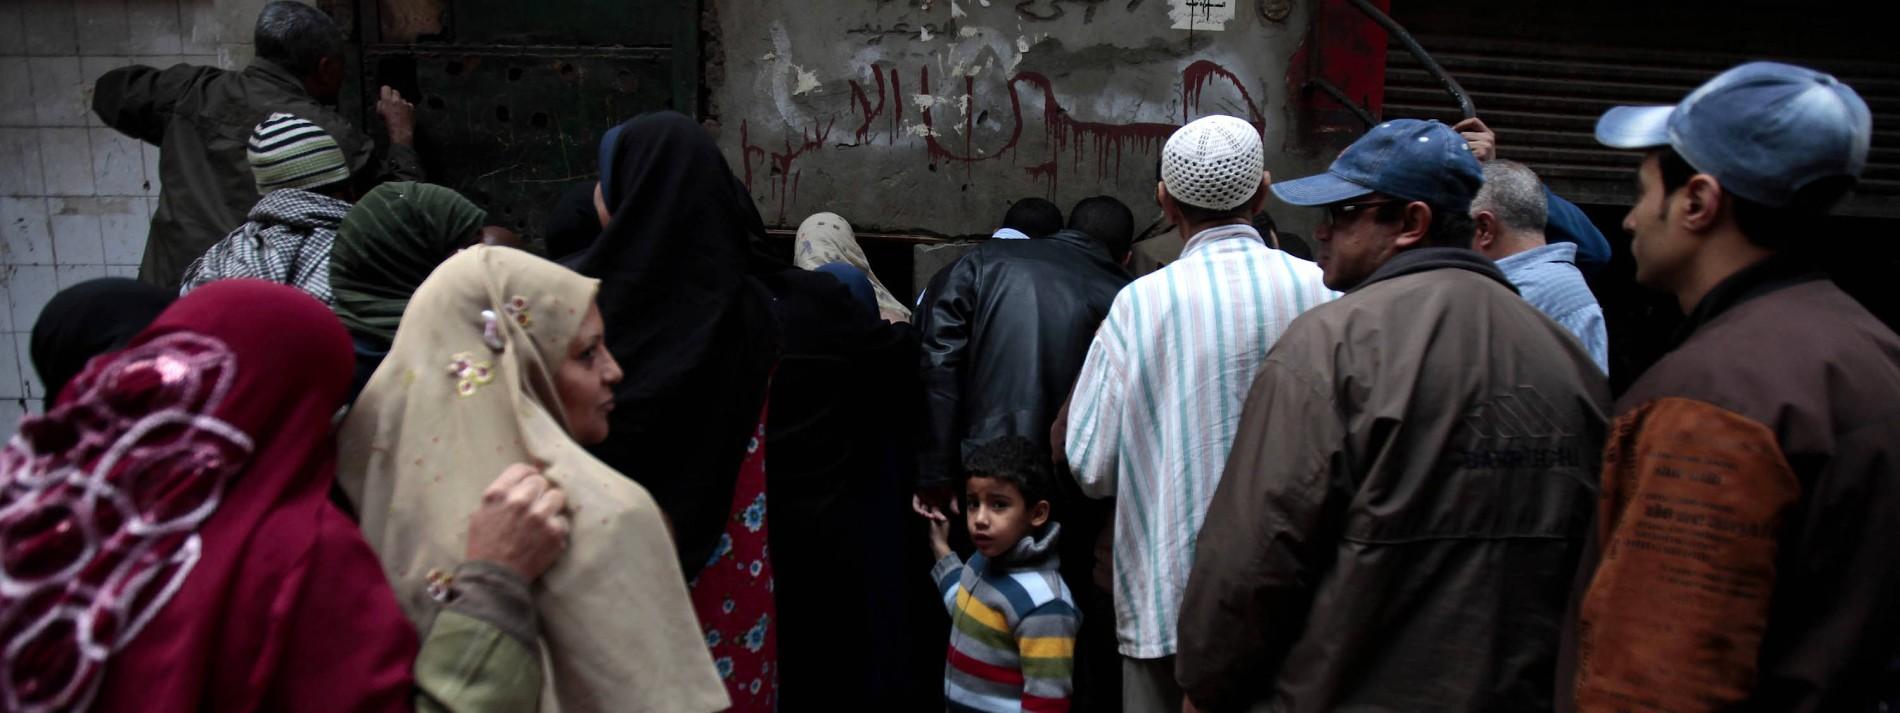 Die Währungskrise in Ägypten spitzt sich zu